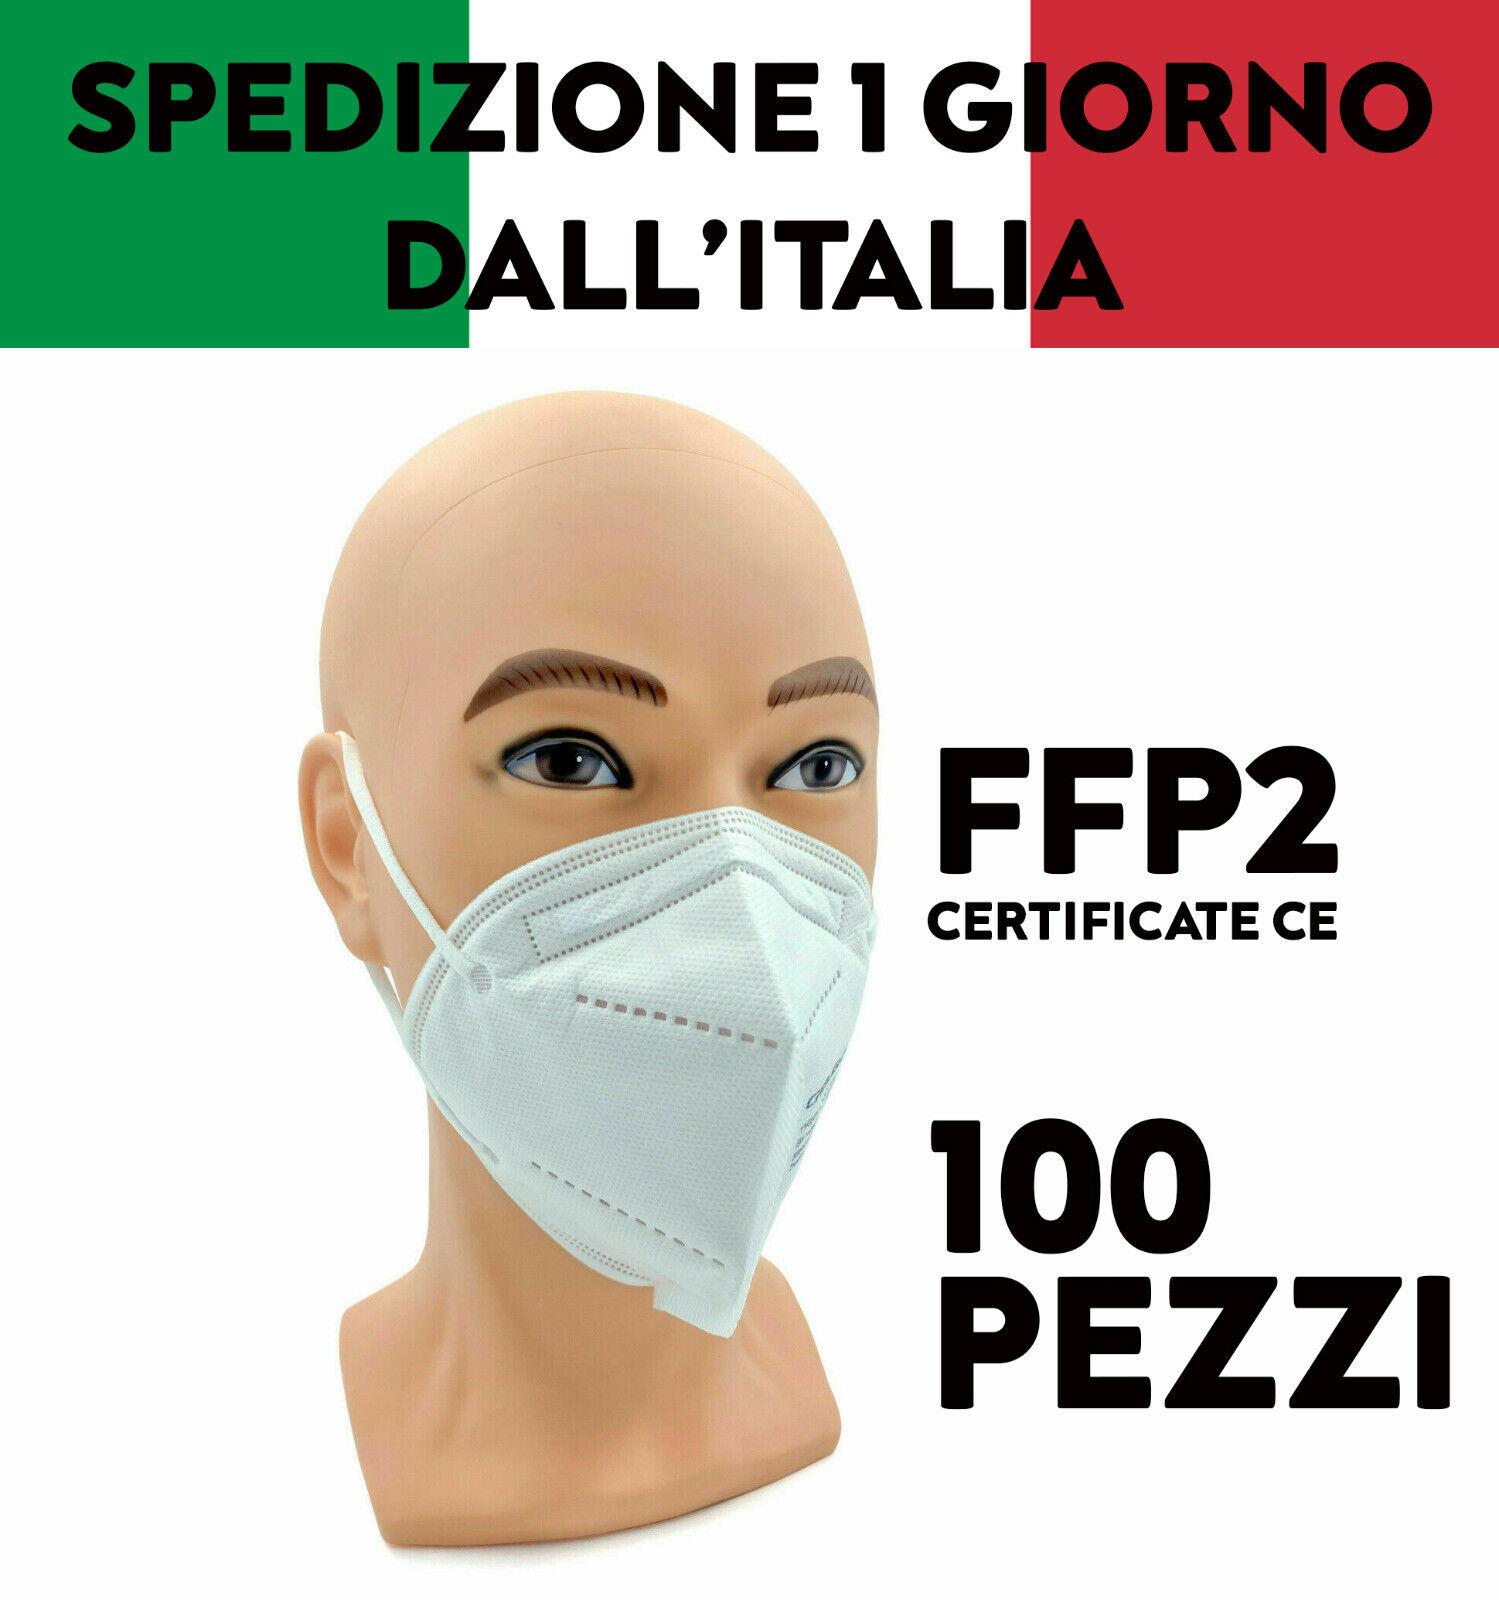 100 MASCHERE MASCHERINE FFP2 PROTETTIVE CERTIFICATE FILTRANTI MONOUSO CE NO KN95